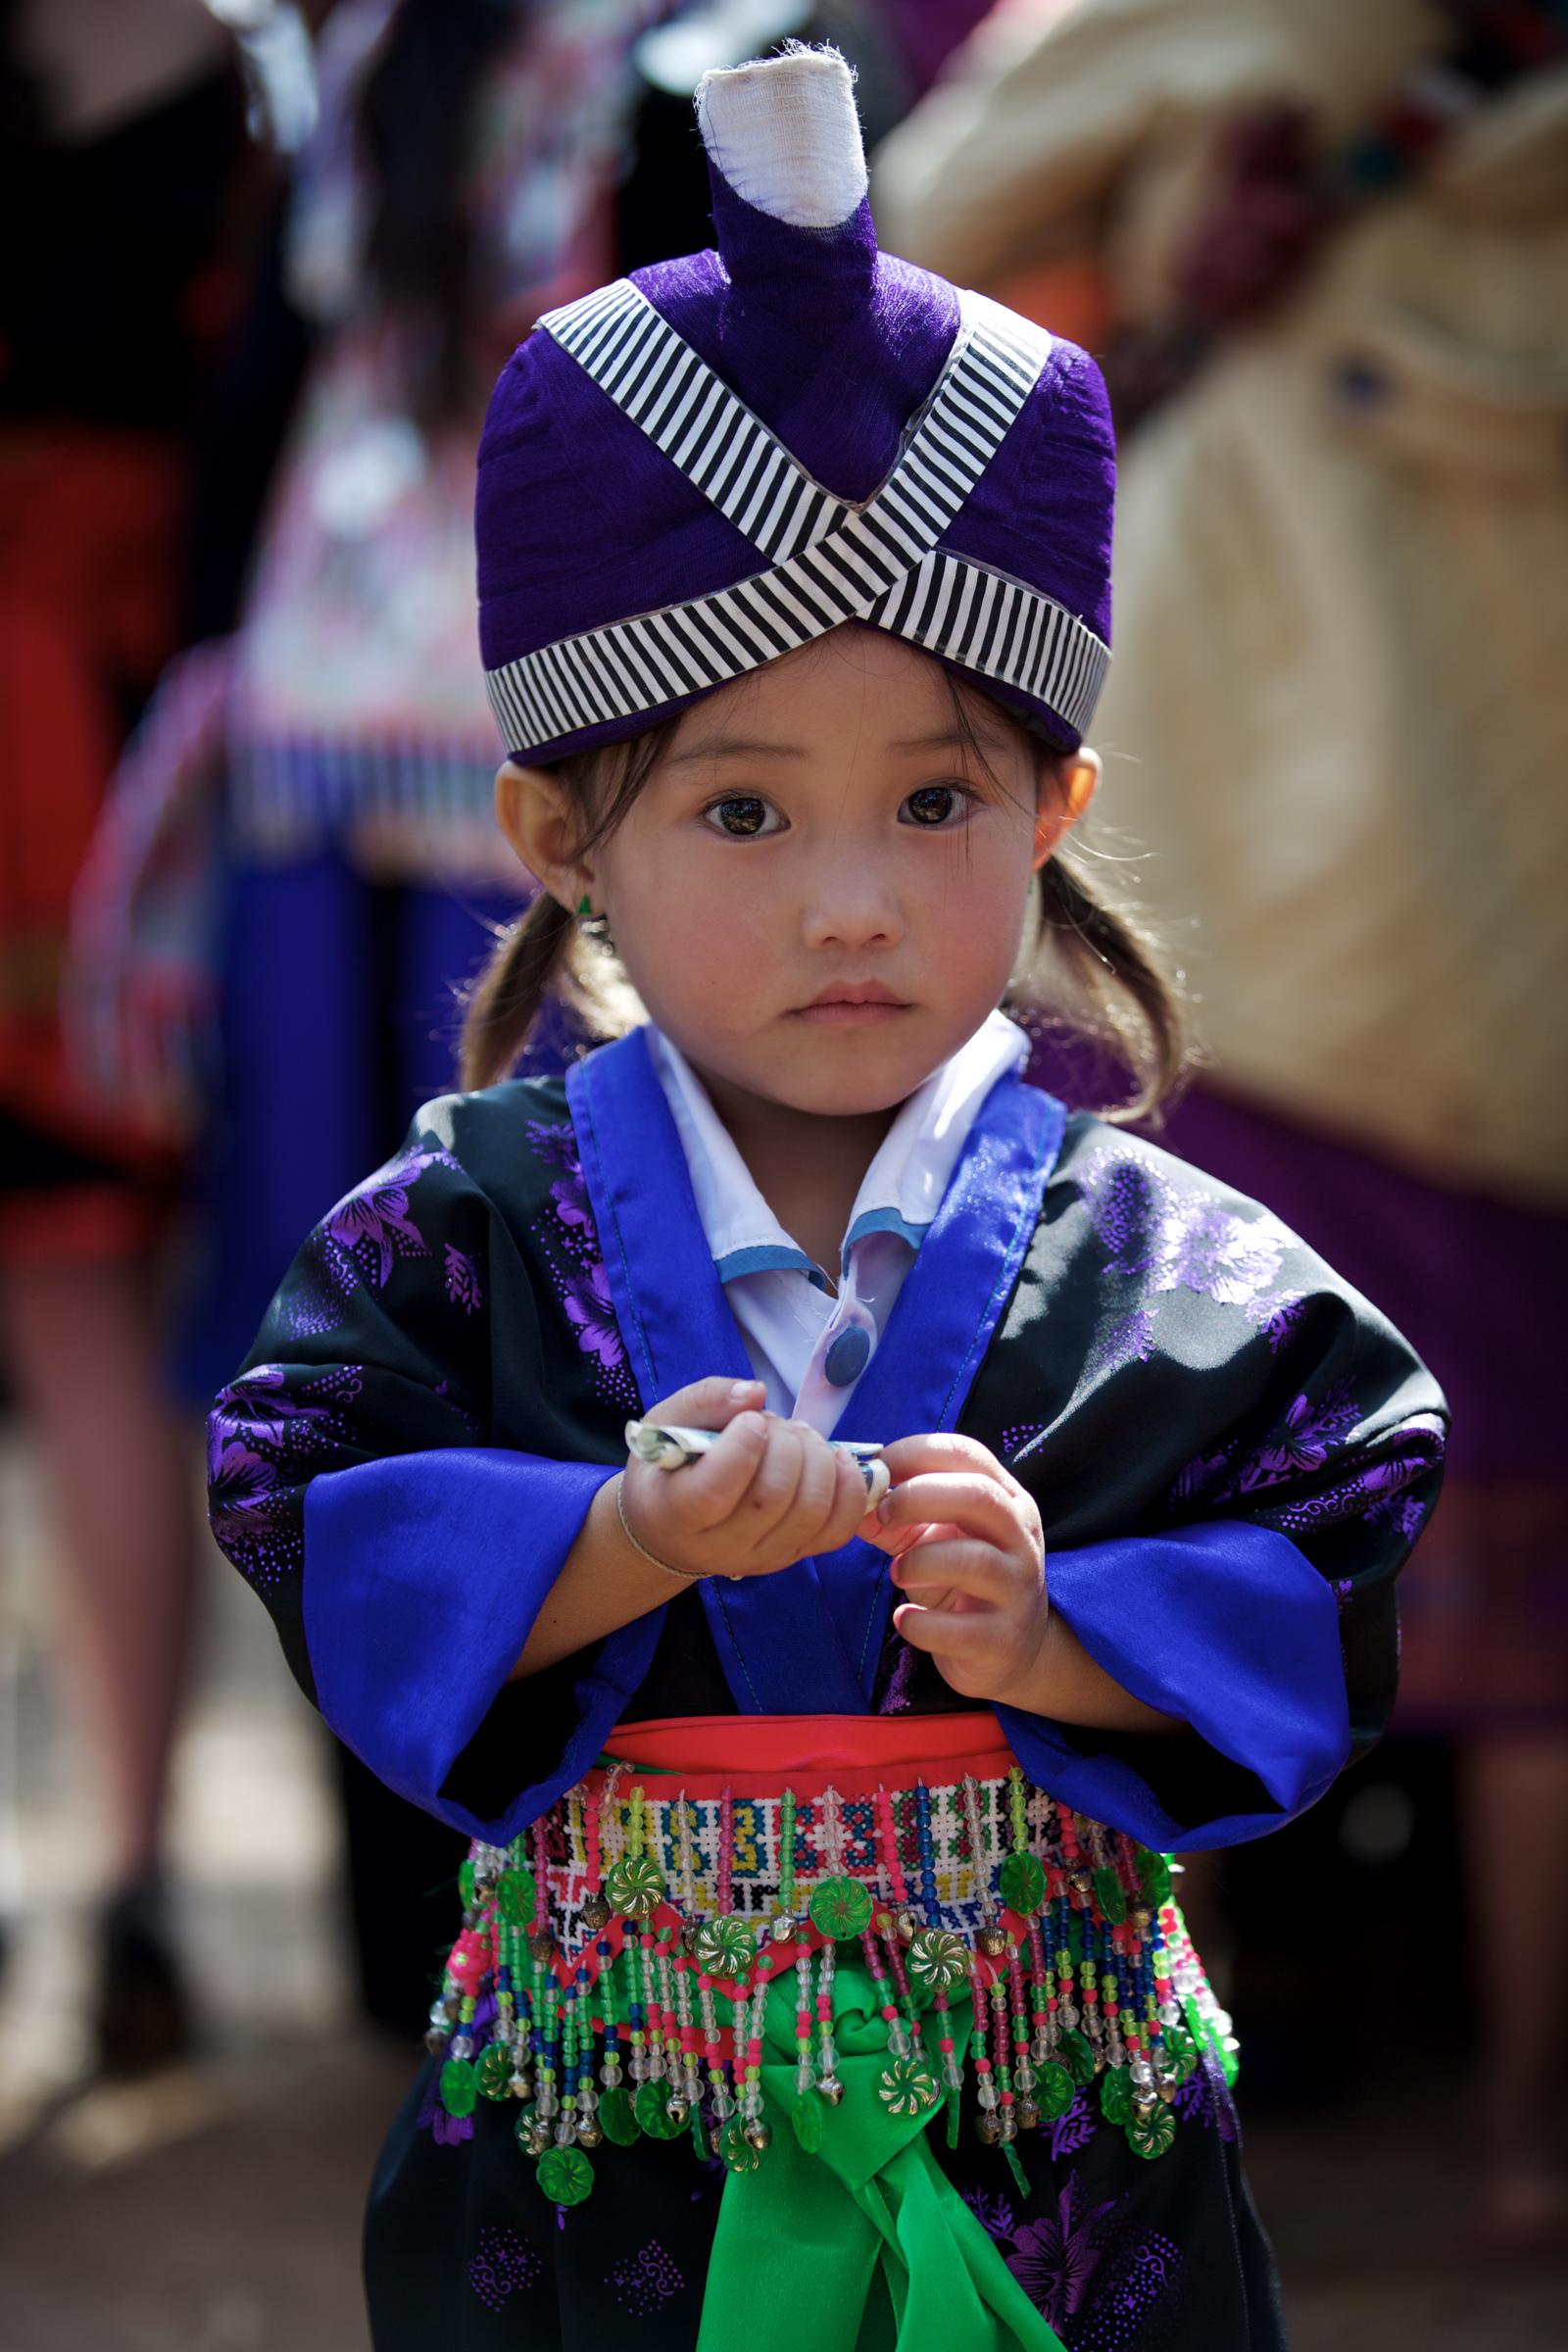 Hmongo pics 67